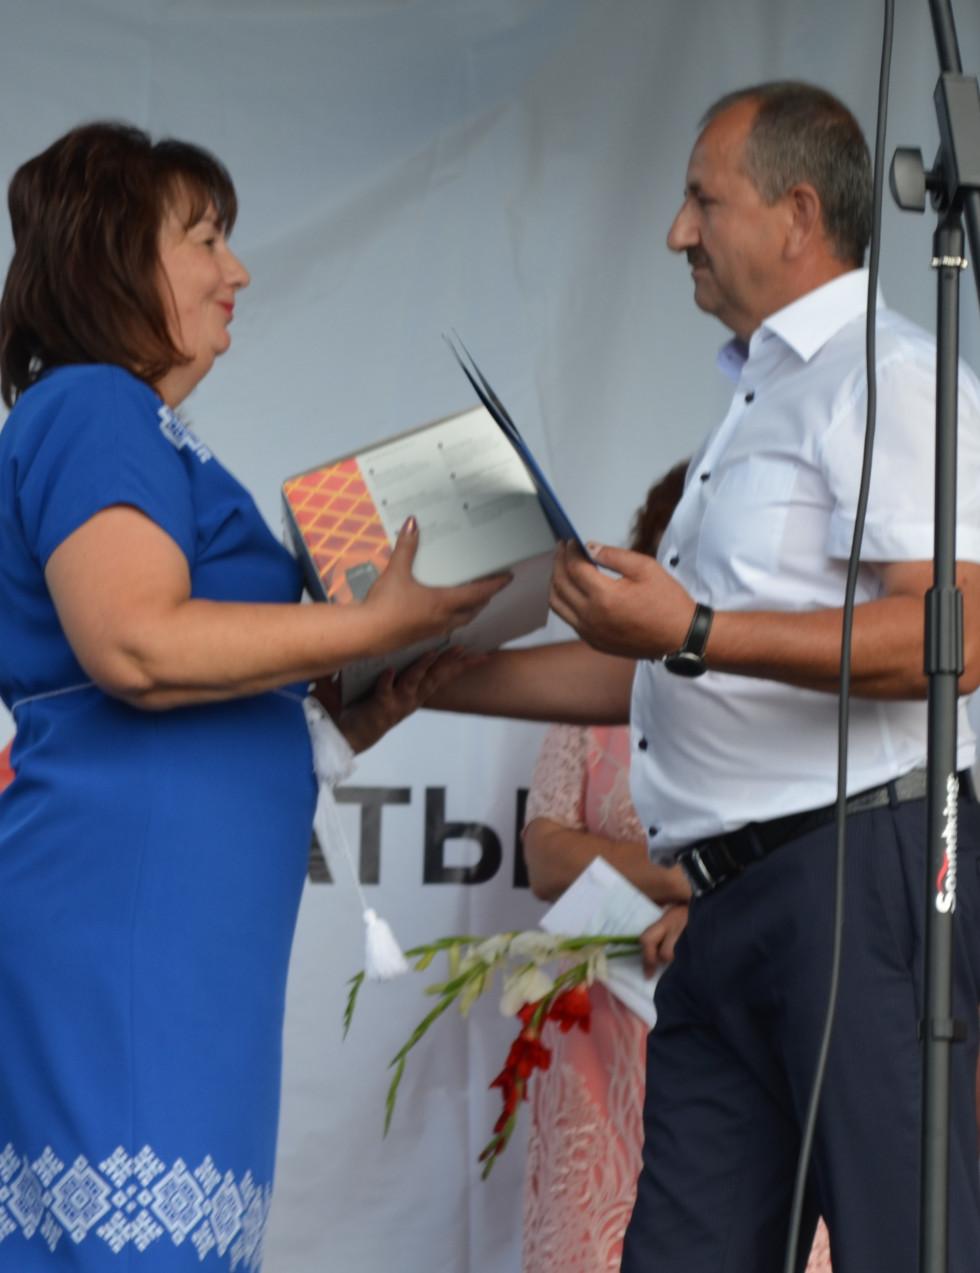 Сергій Хмілярук вручає подарунок заступниці голови Вишнівської ОТГ Галині Федончук.